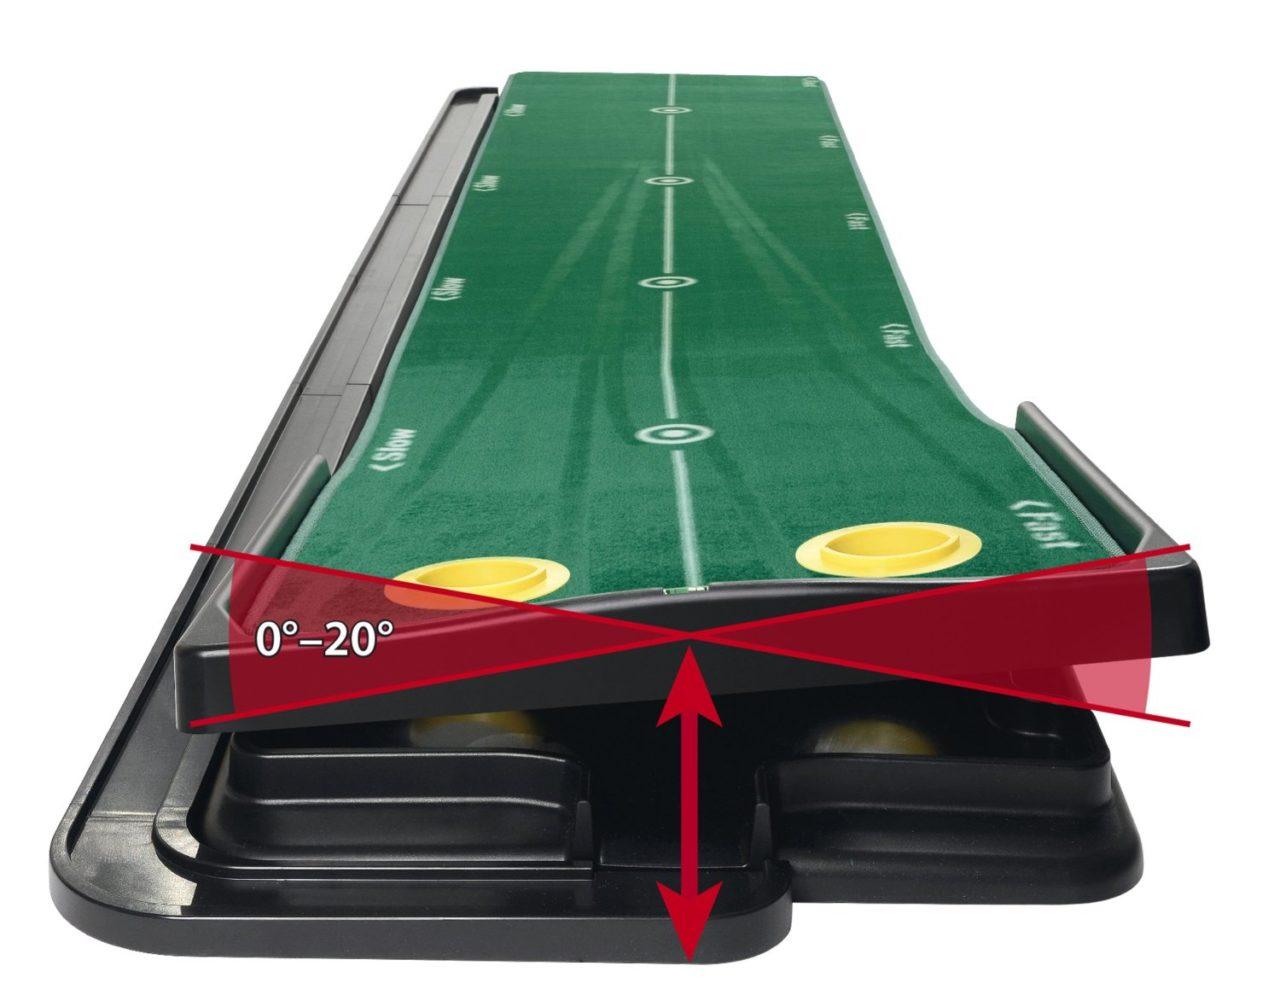 Carrelage Design tapis putting : Tapis de Putting Best Infinity 50cm x 270cm u2022 Le Meilleur du Golf